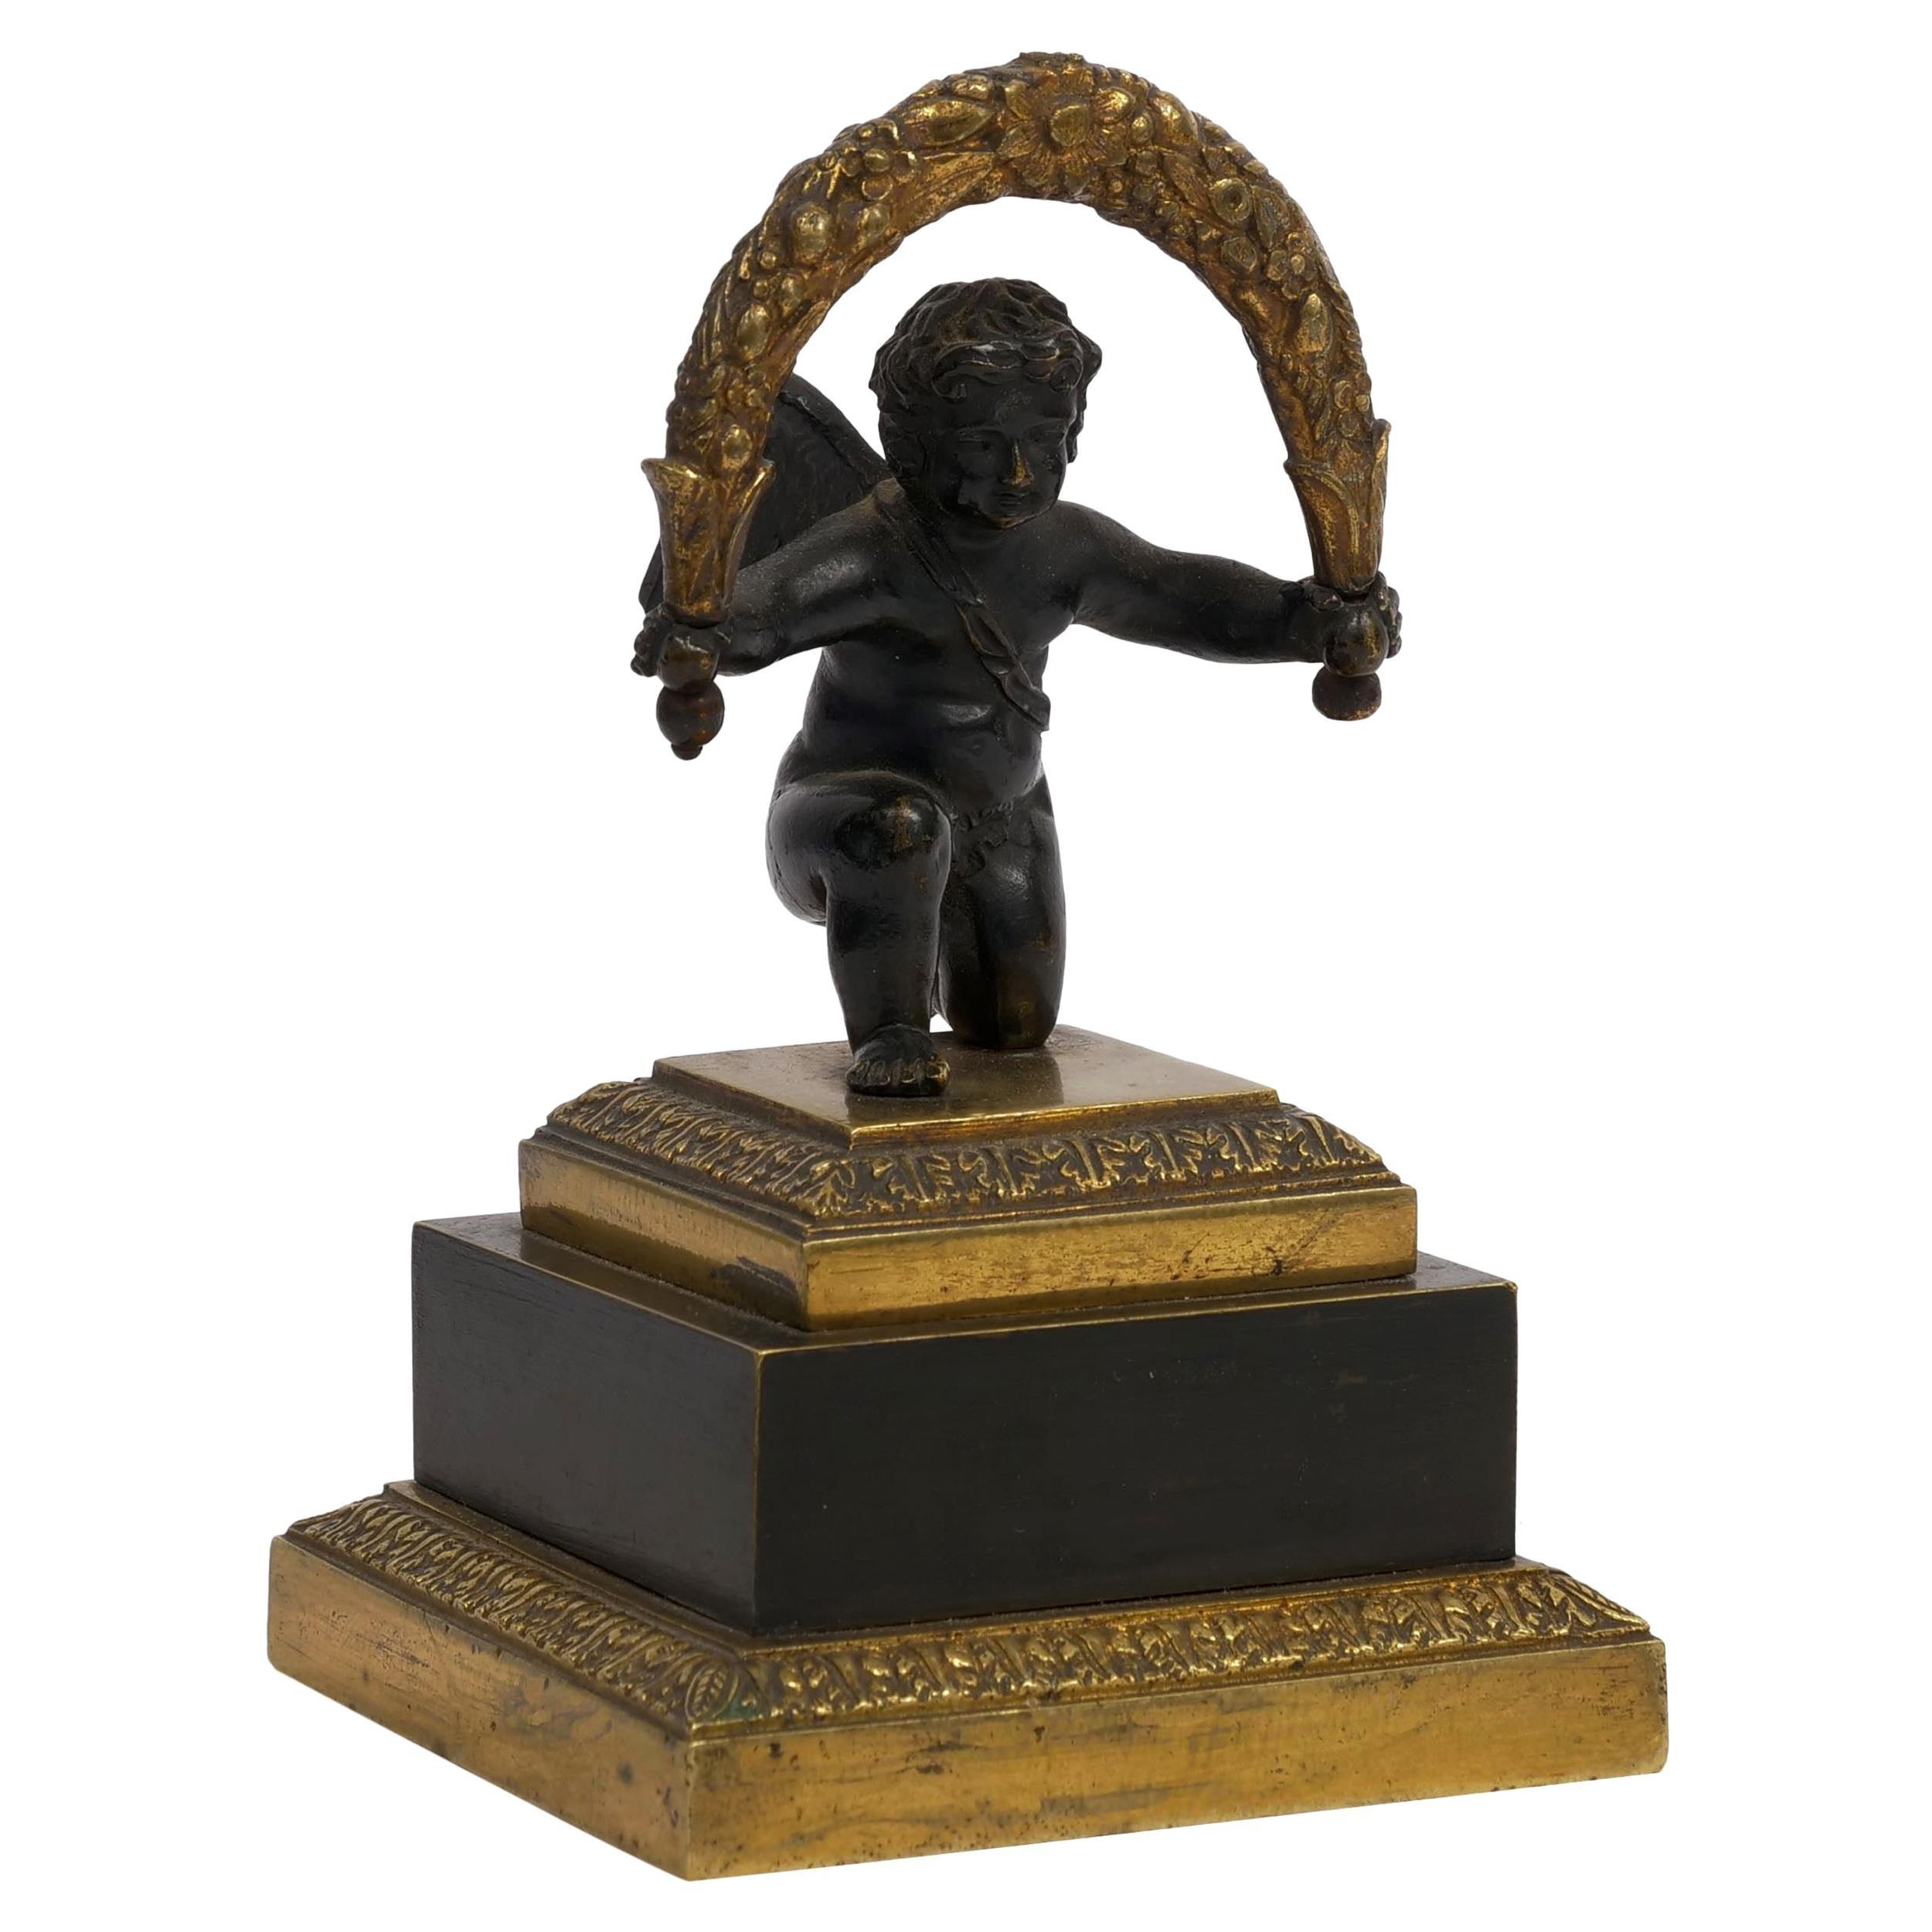 19th Century Empire Antique Bronze Sculpture Paperweight of Cherub